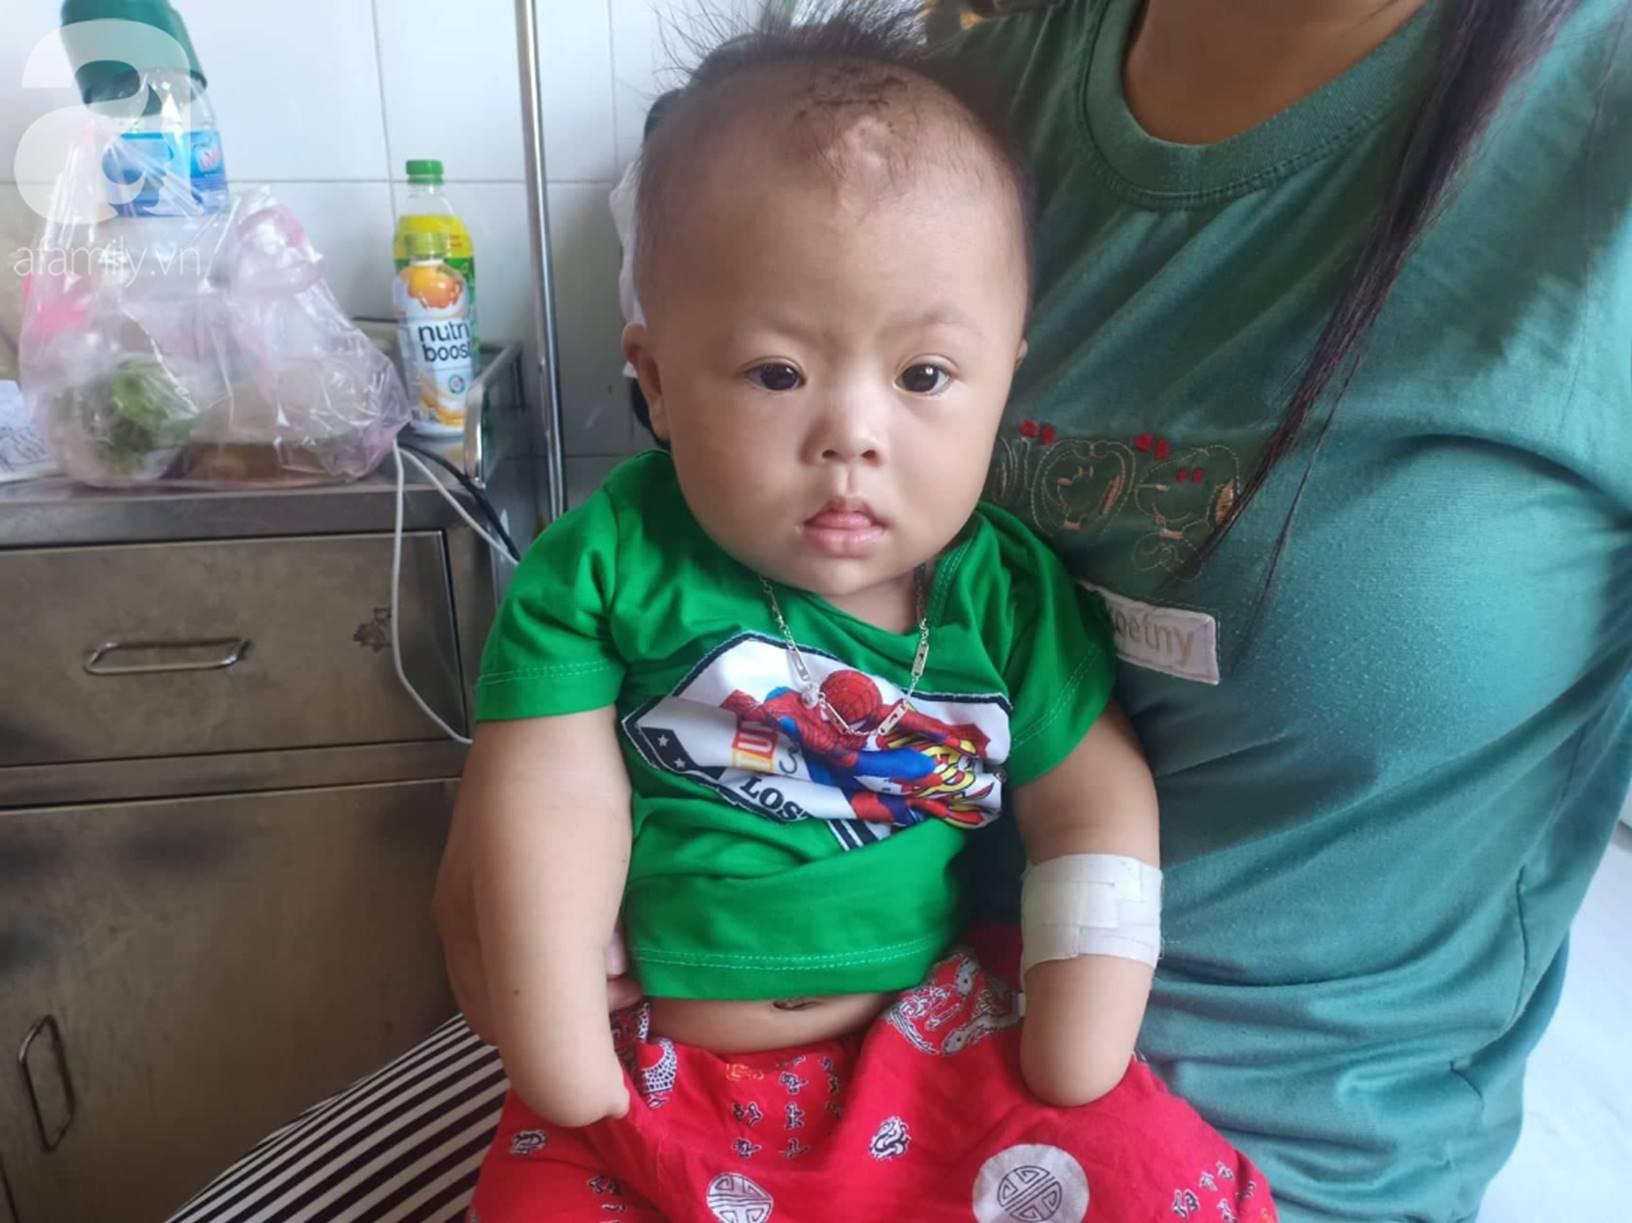 Tâm sự đau đớn của người mẹ khi sinh con trai không có 2 tay: Tôi đã sốc khi lần đầu nhìn thấy hình hài con mình-3